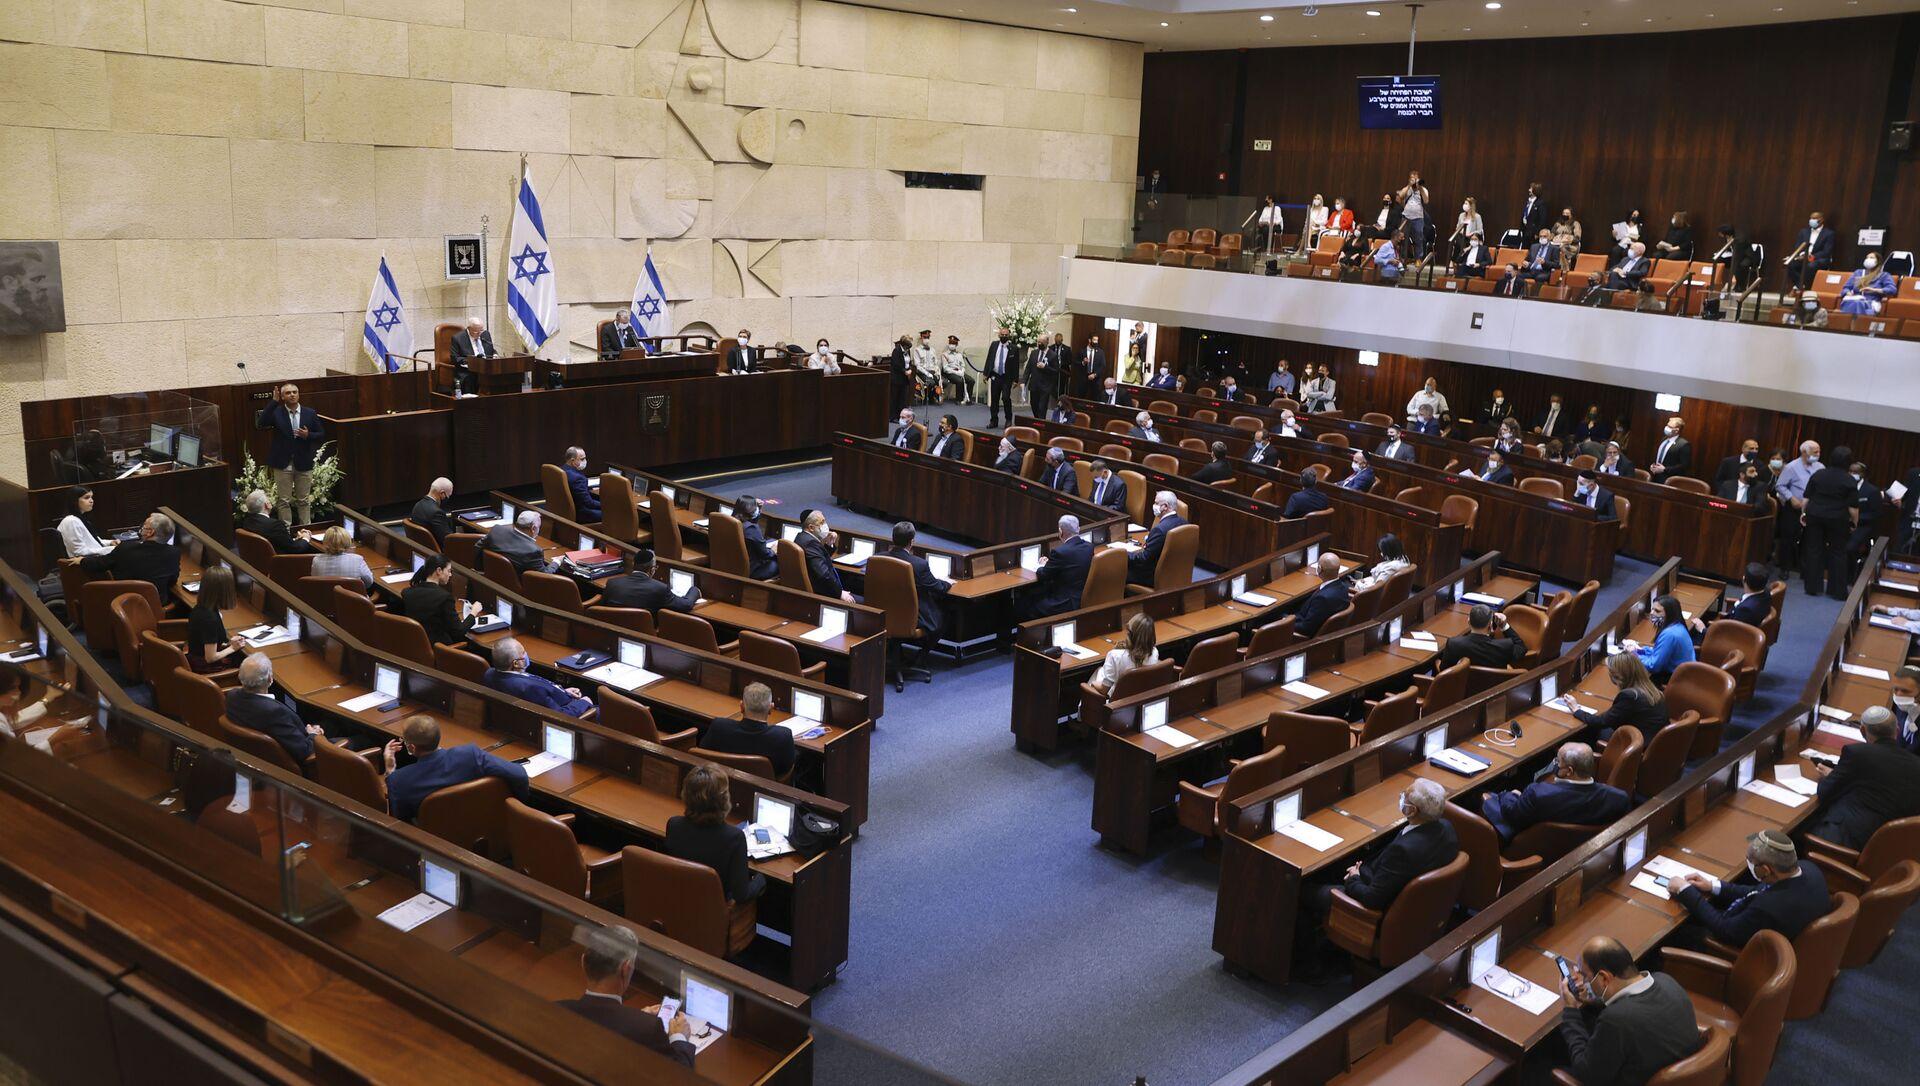 Заседание Кнессет (израильский парламент),фото из архива - Sputnik Азербайджан, 1920, 03.06.2021